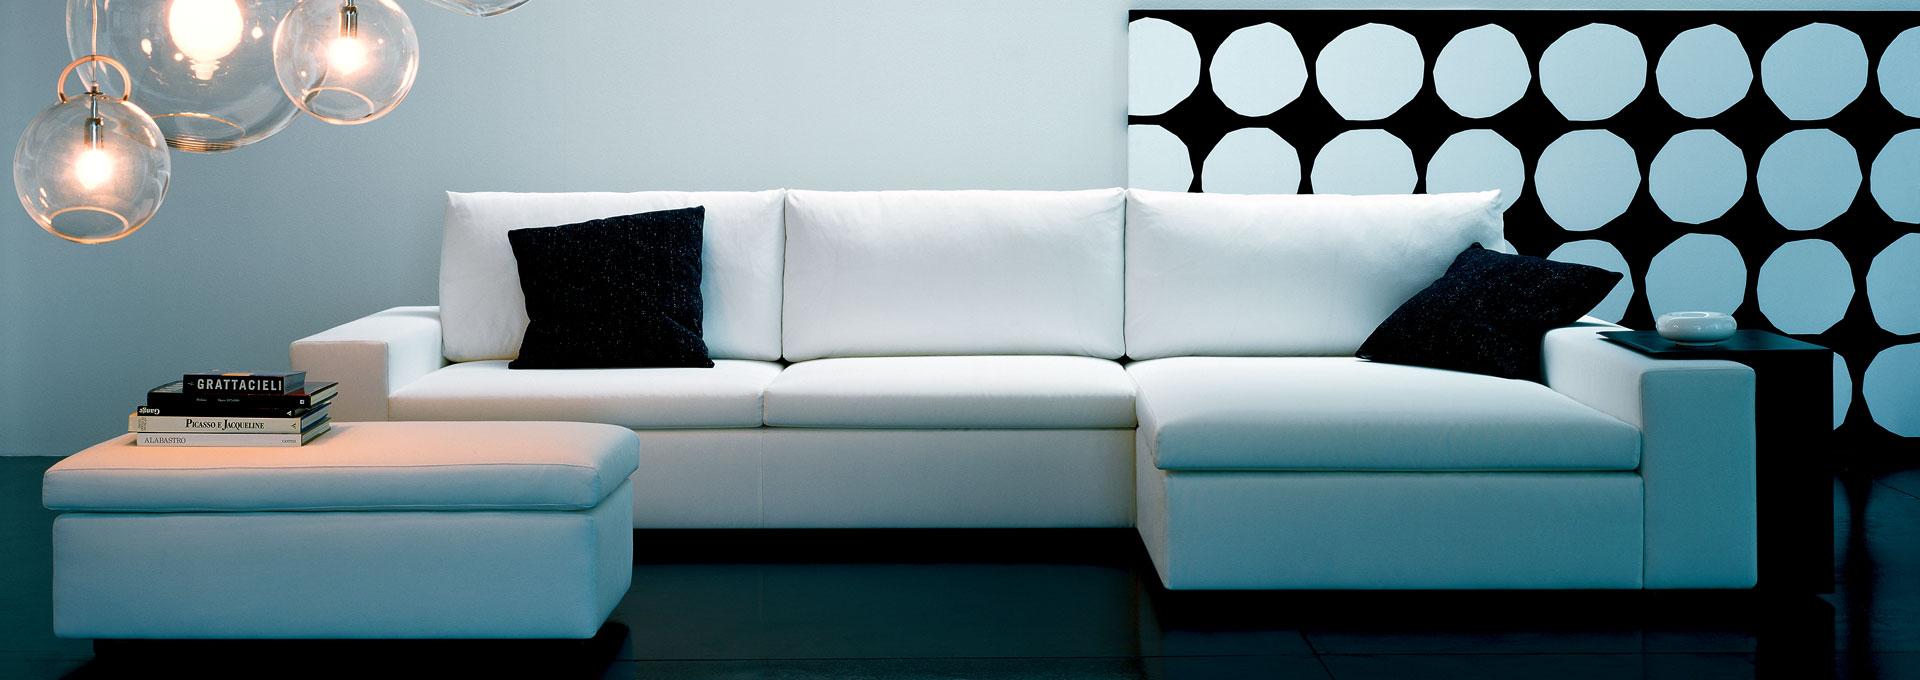 sofas markus team deas imbottiti. Black Bedroom Furniture Sets. Home Design Ideas